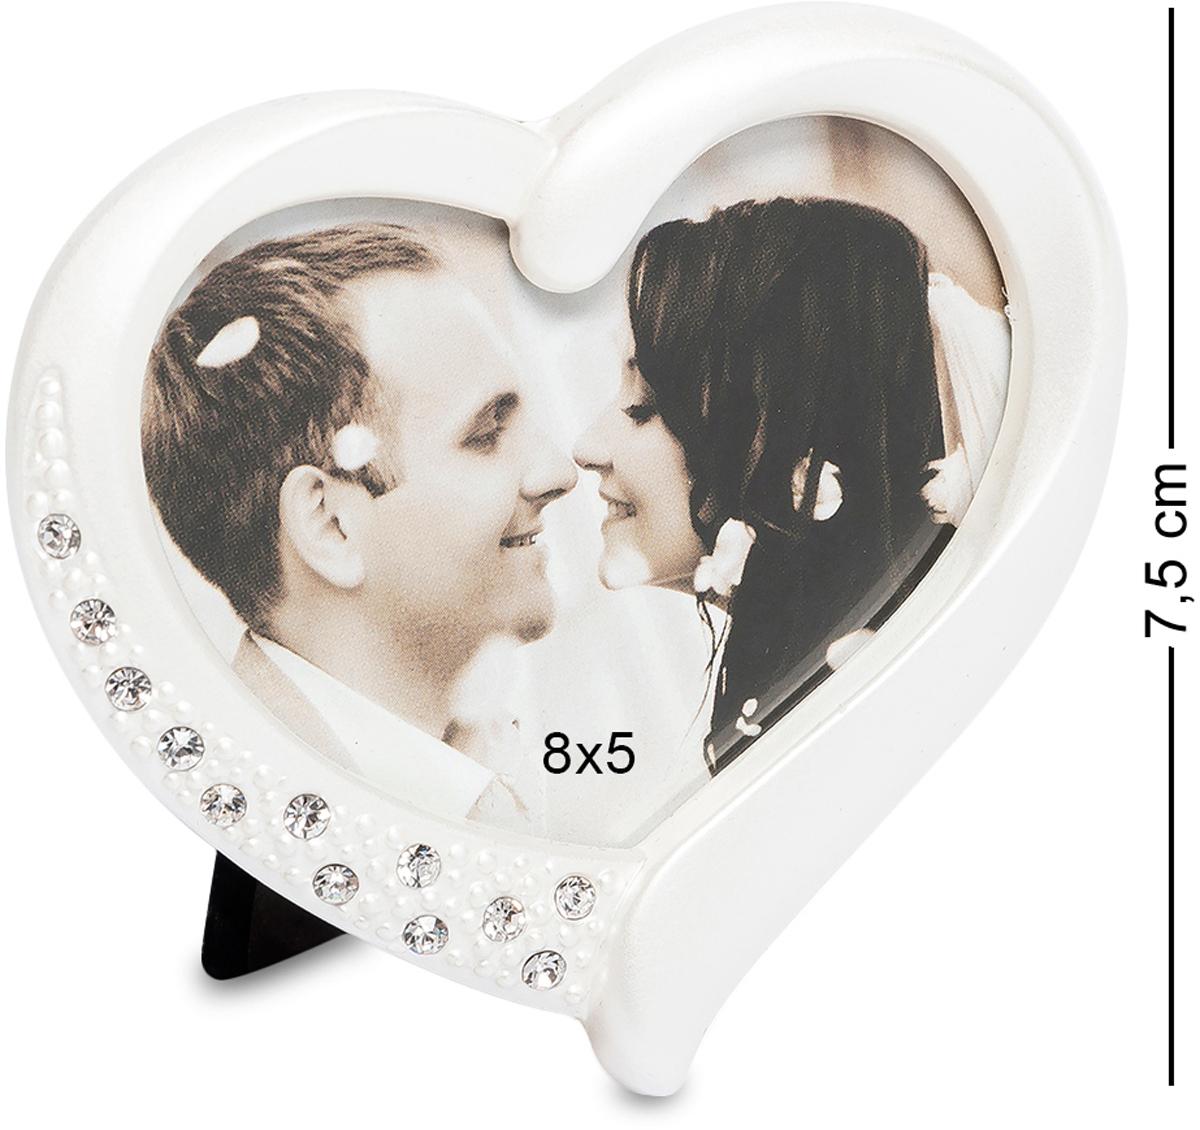 Фоторамка Bellezza Casa Сердце, фото 8х5. CHK-165CHK-165Фоторамка для фотографий 8х5 см. Влюбленные любят часто и много фотографироваться, а также дарить друг другу свои фотографии. Эти фотографии хочется поставить на самое видное место в комнате и бесконечно любоваться любимыми чертами. Для таких особенных фото подойдет фоторамка Сердце. Фоторамка Сердце размером 13х13выполнена в виде сердца. Материалом, из которого сделана рамка, является металл. Вверху рамка усыпана стразами, которые при малейшем попадании солнца, заиграют на стенах комнаты веселыми солнечными зайчиками, тем самым создадут прекрасное настроение ее обладателю. Стразы предают фоторамке особенную торжественность и неповторимость. Фоторамка Сердце станет очаровательным подарком любимой девушке на день святого Валентина или будет прекрасным дополнением к свадебному подарку. Такую рамку можно подарить любимой маме или любящей дочери.